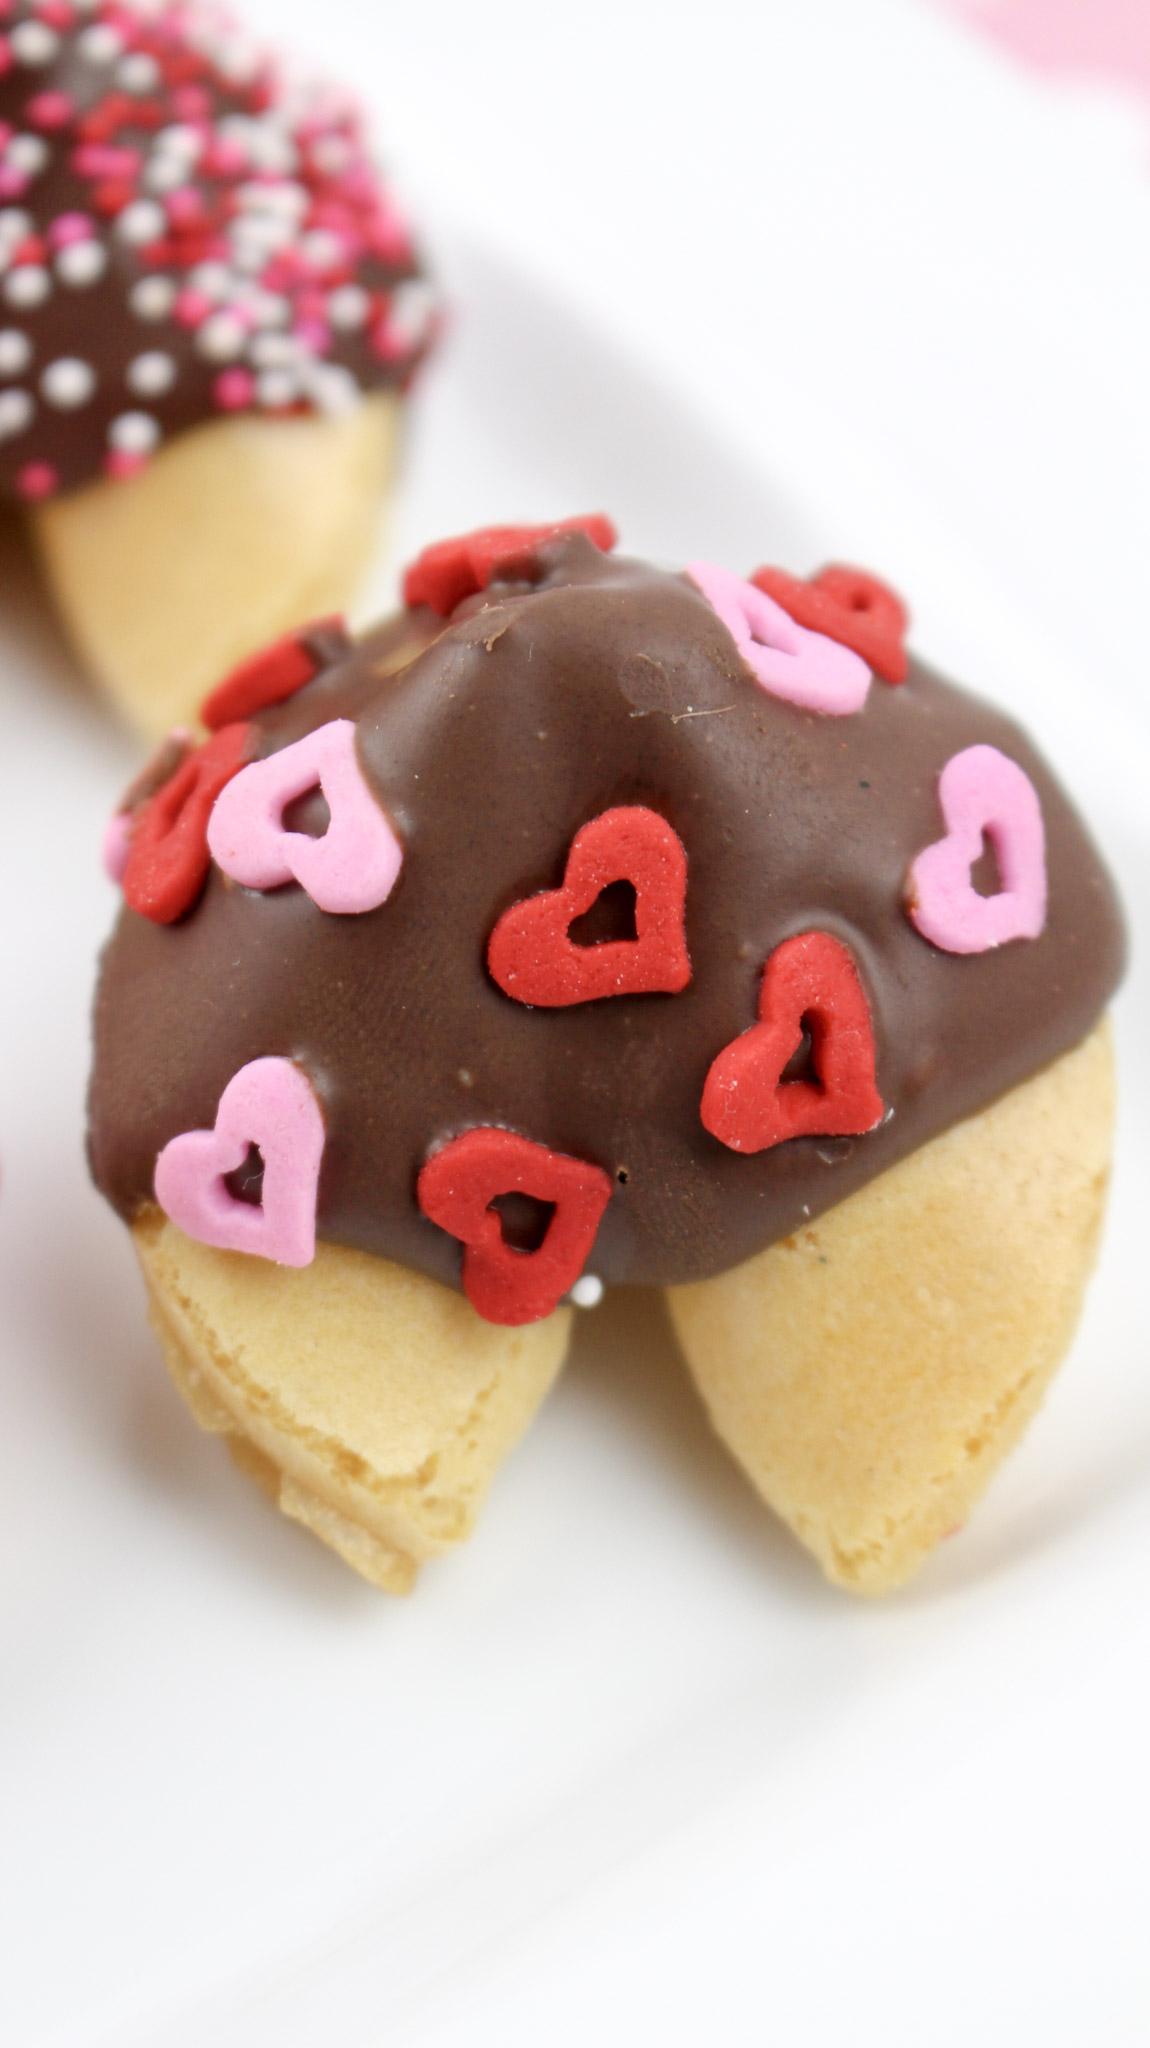 Valentine's Dessert Ideas